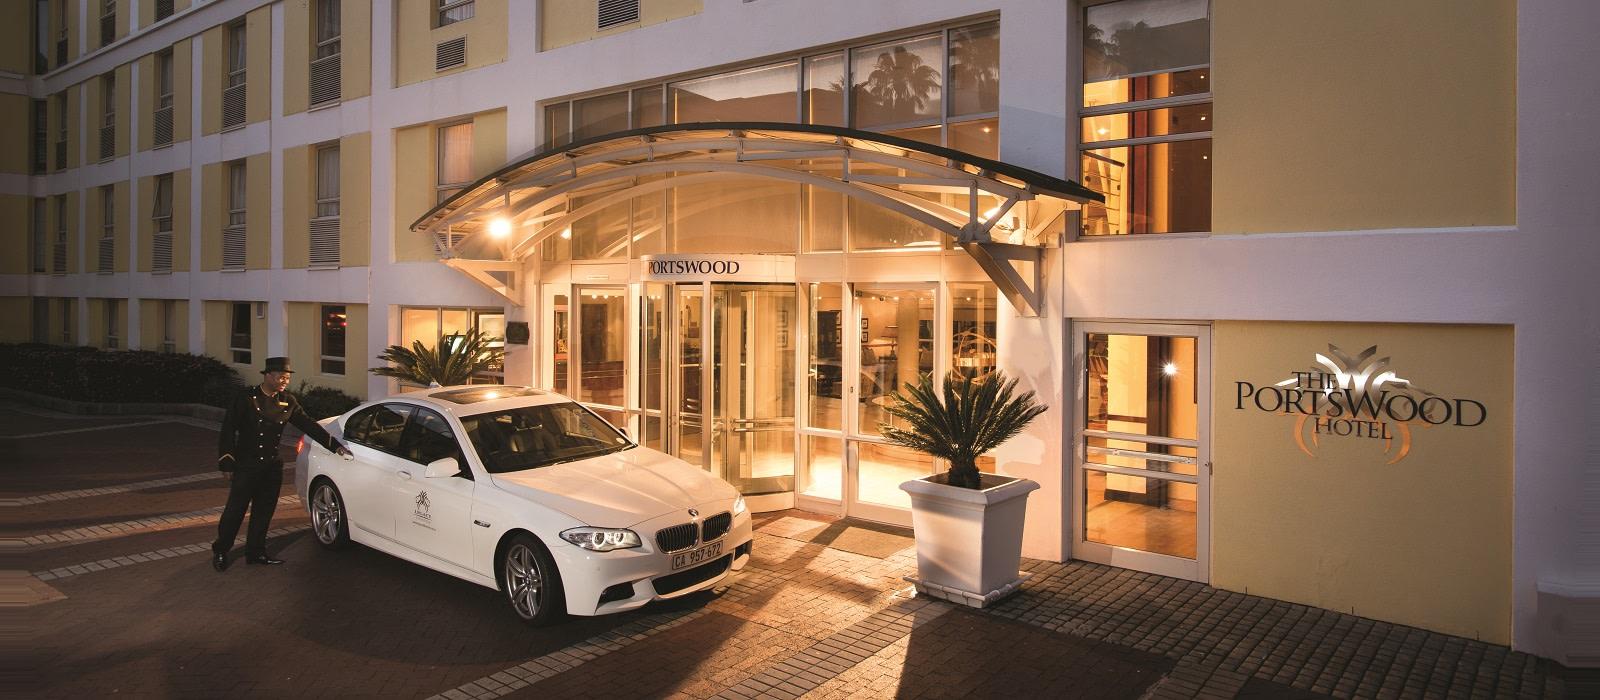 Hotel The Portswood  Südafrika